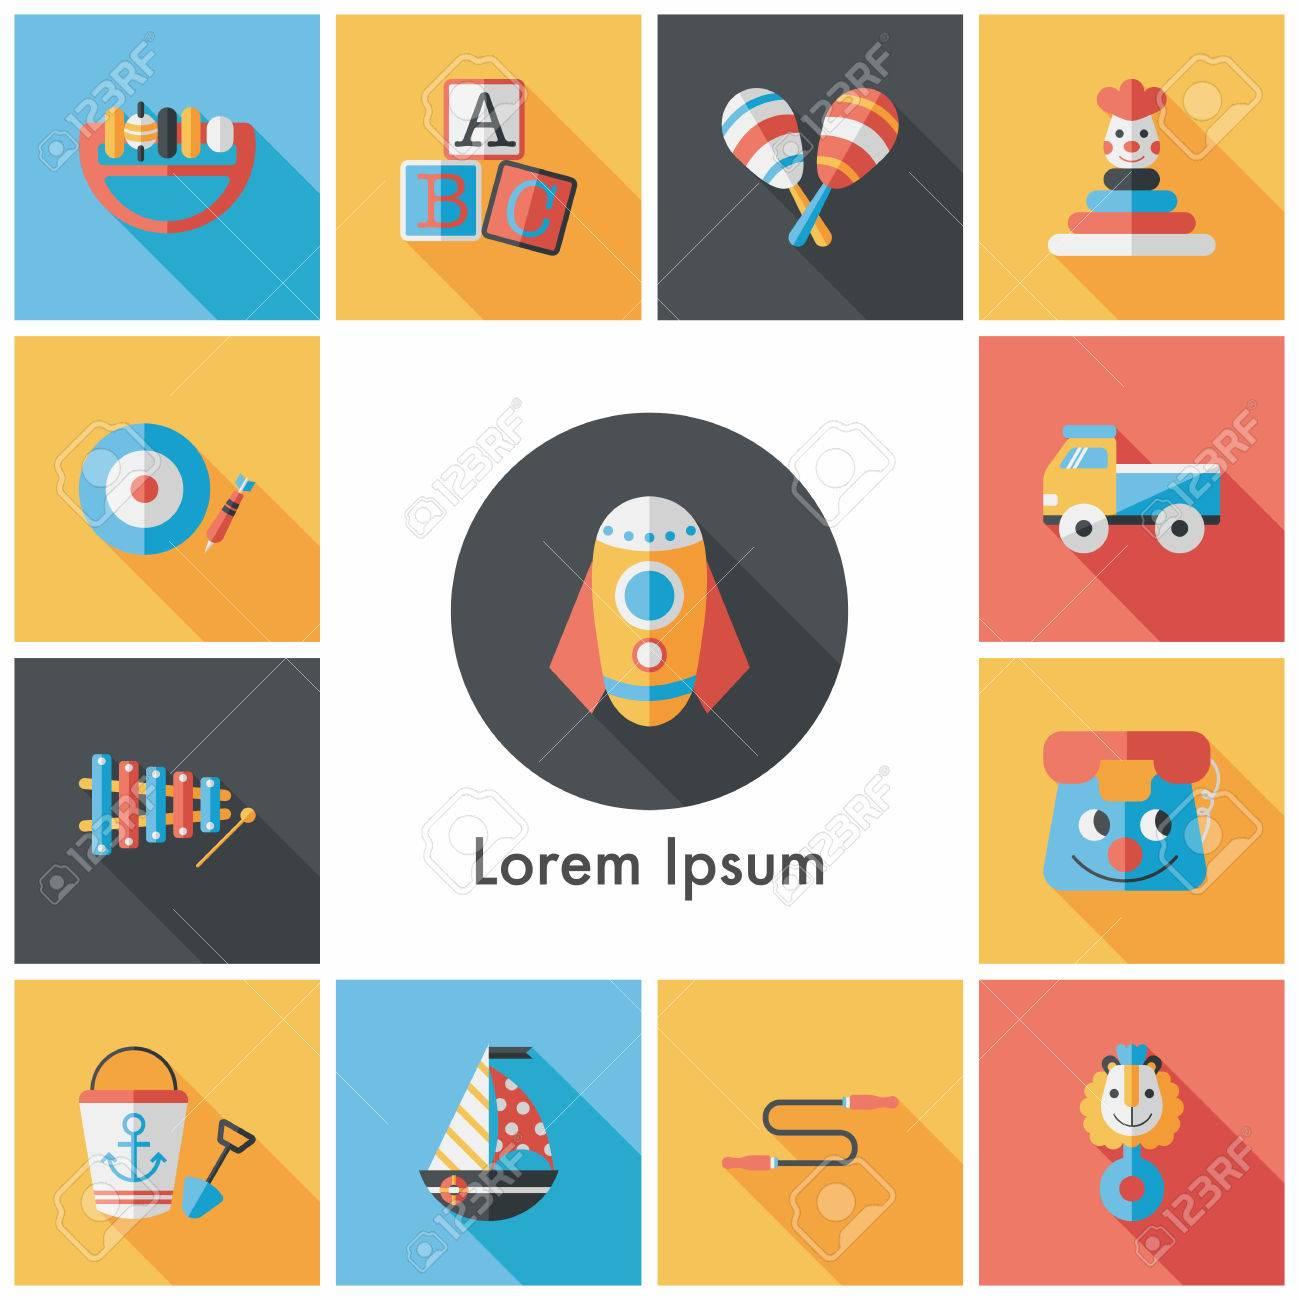 Children's toy icons set - 61231382